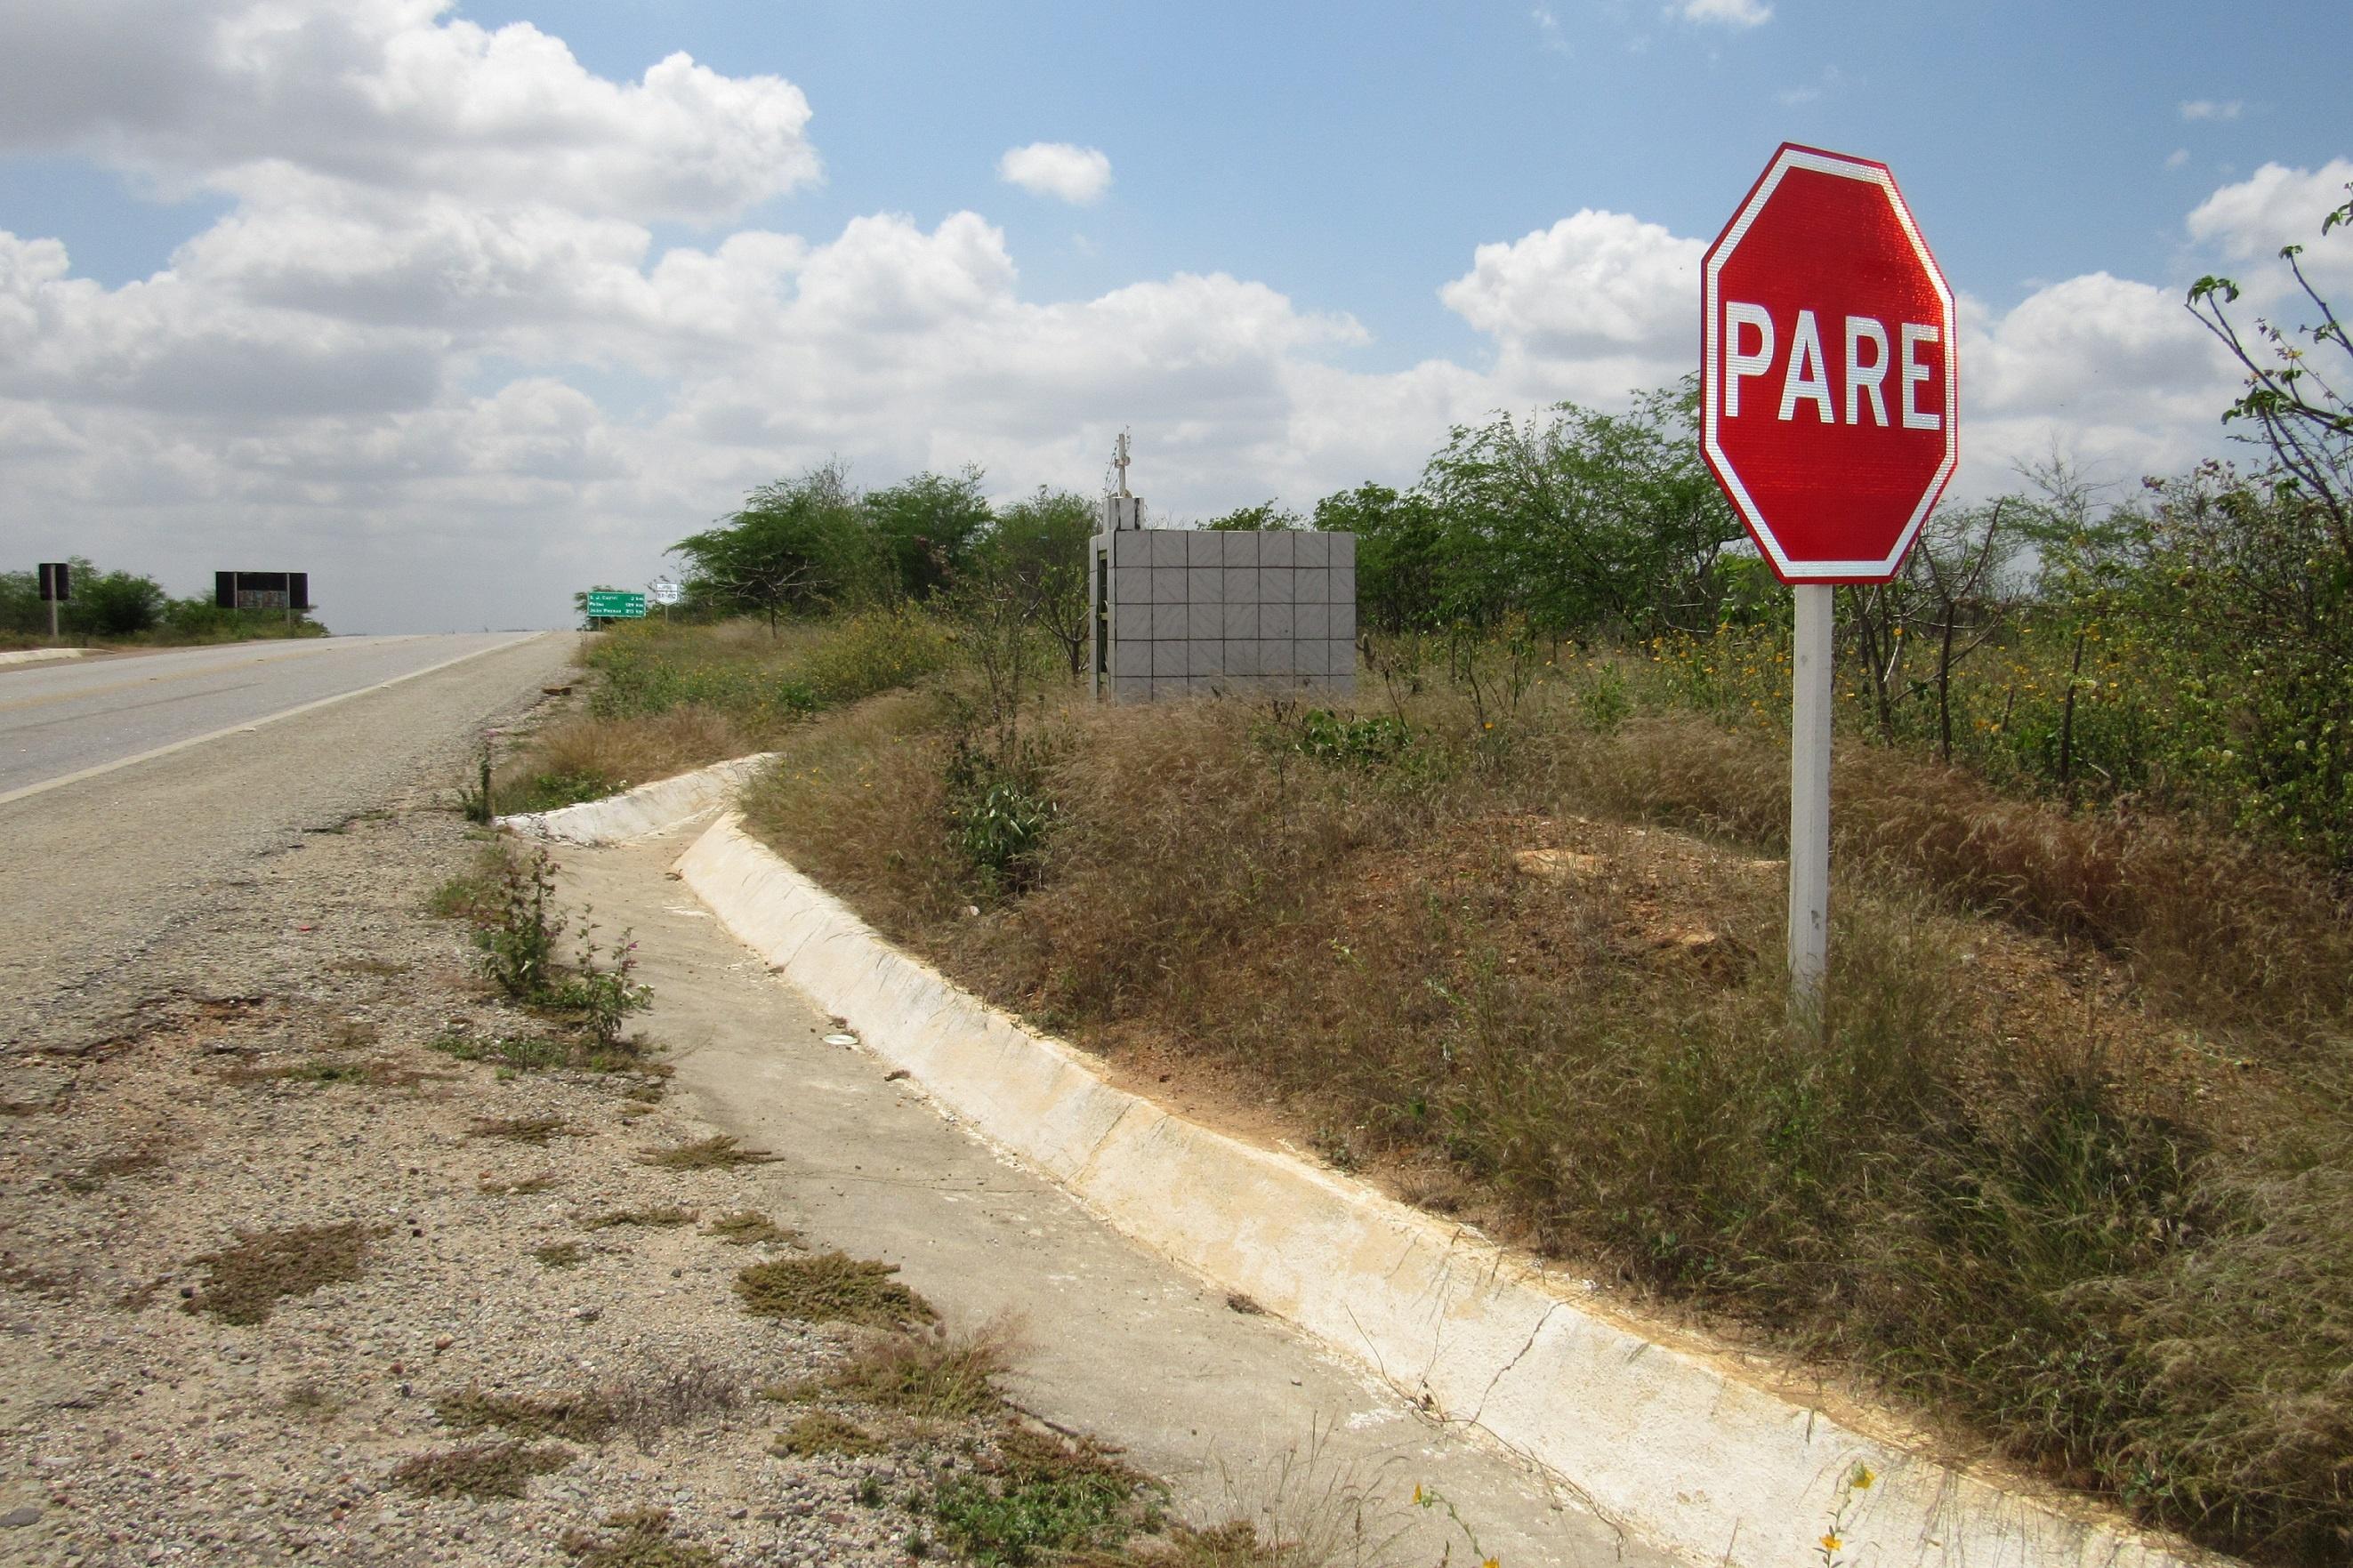 Não pare a vida,, BR-412, km 57 (PB). Foto: Ivanice Alves dos Santos.